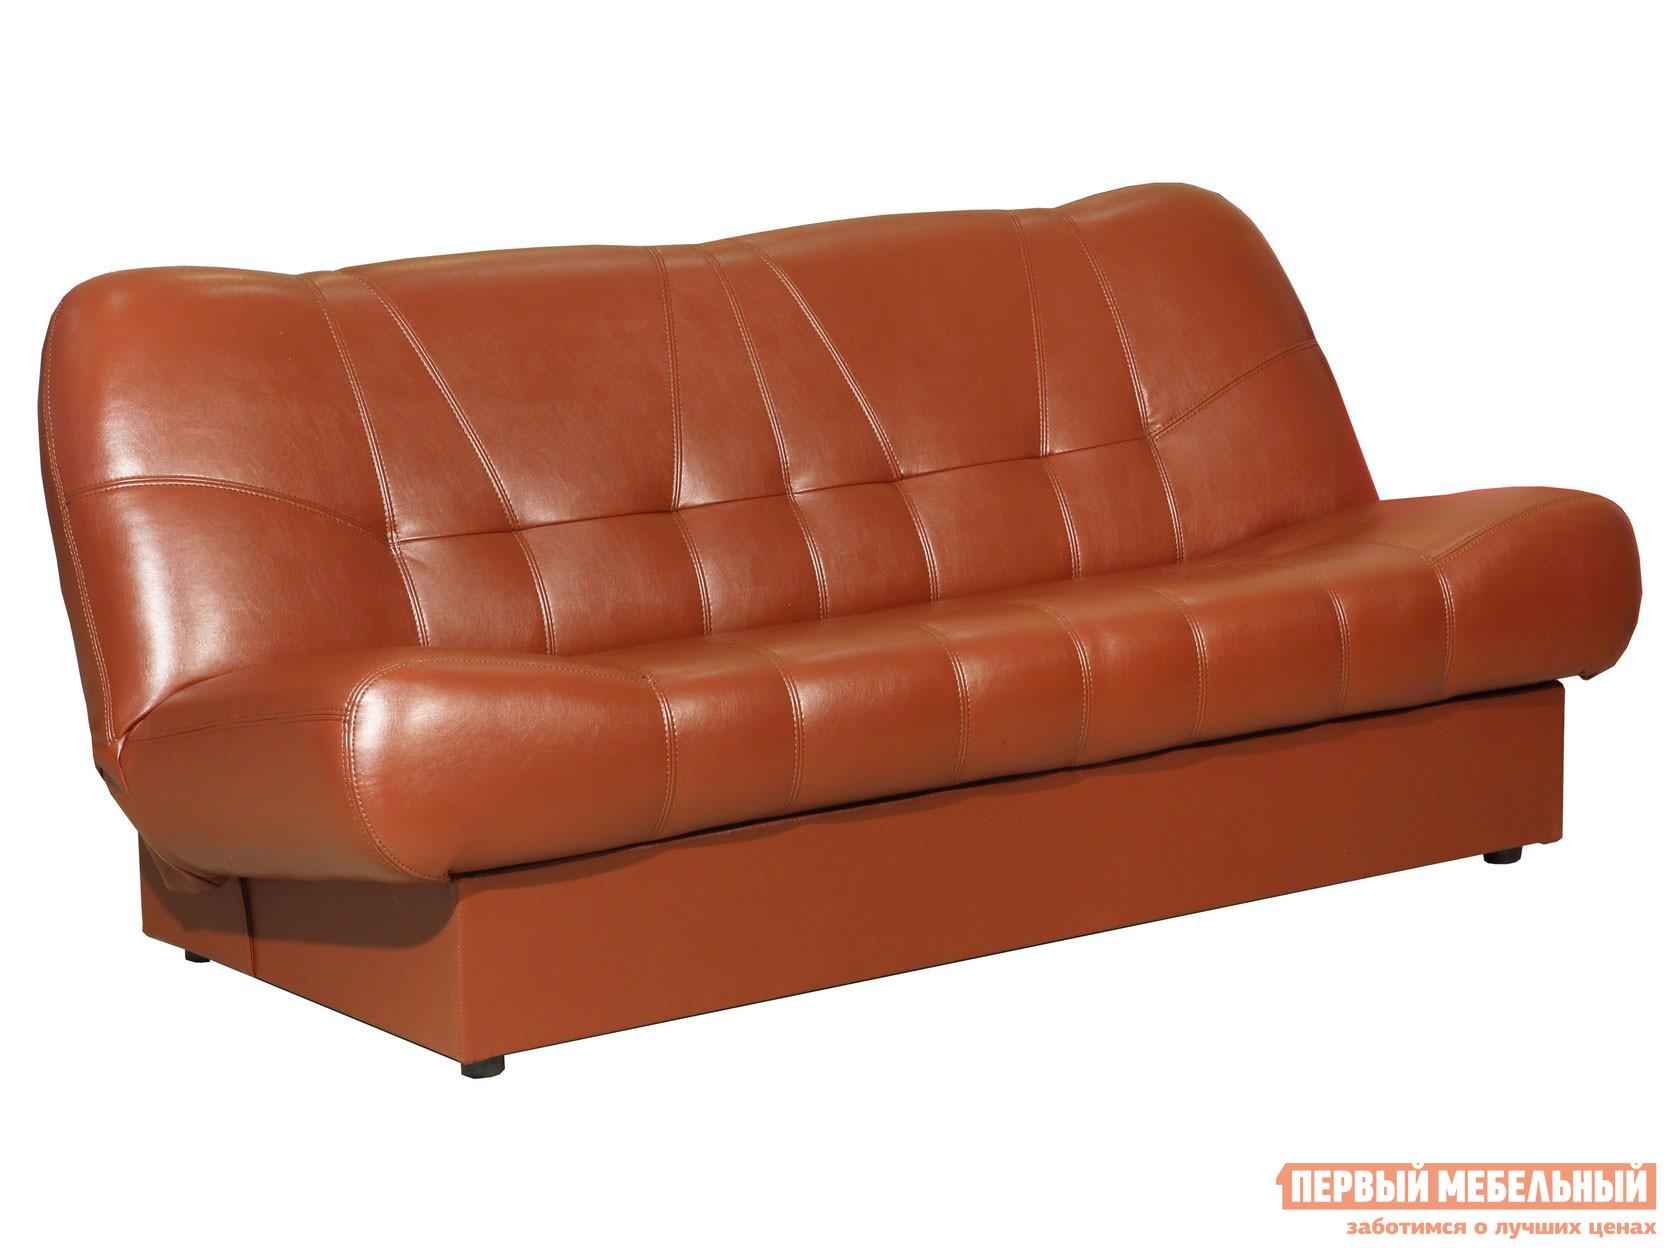 Прямой диван Первый Мебельный Диван Вега